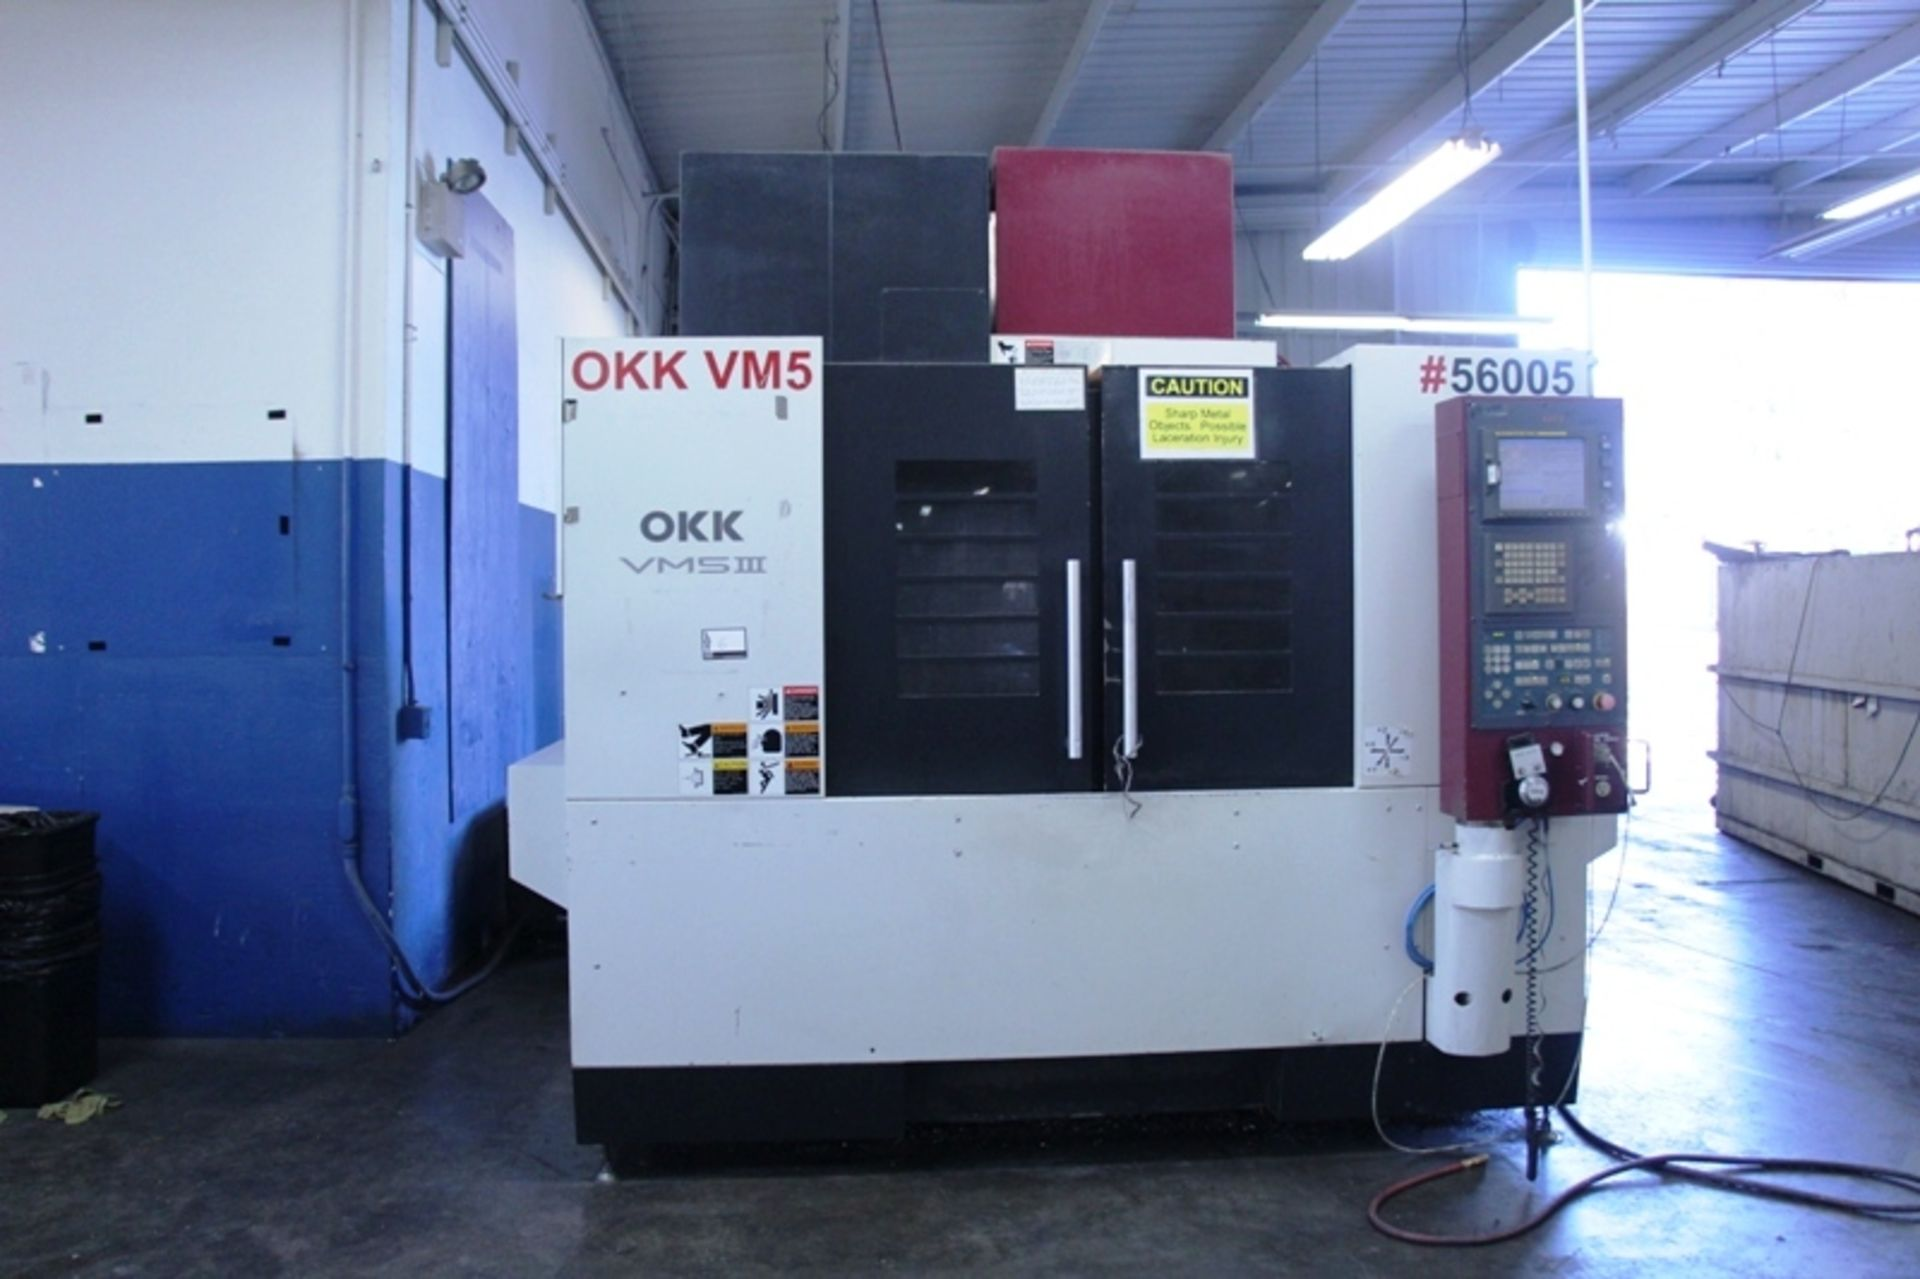 """Lot 6 - OKK VM5III CNC Vertical Machining Center, Fanuc 180is-MB control, 40"""" x 20"""" x 20"""" trvls, 10K RPM"""